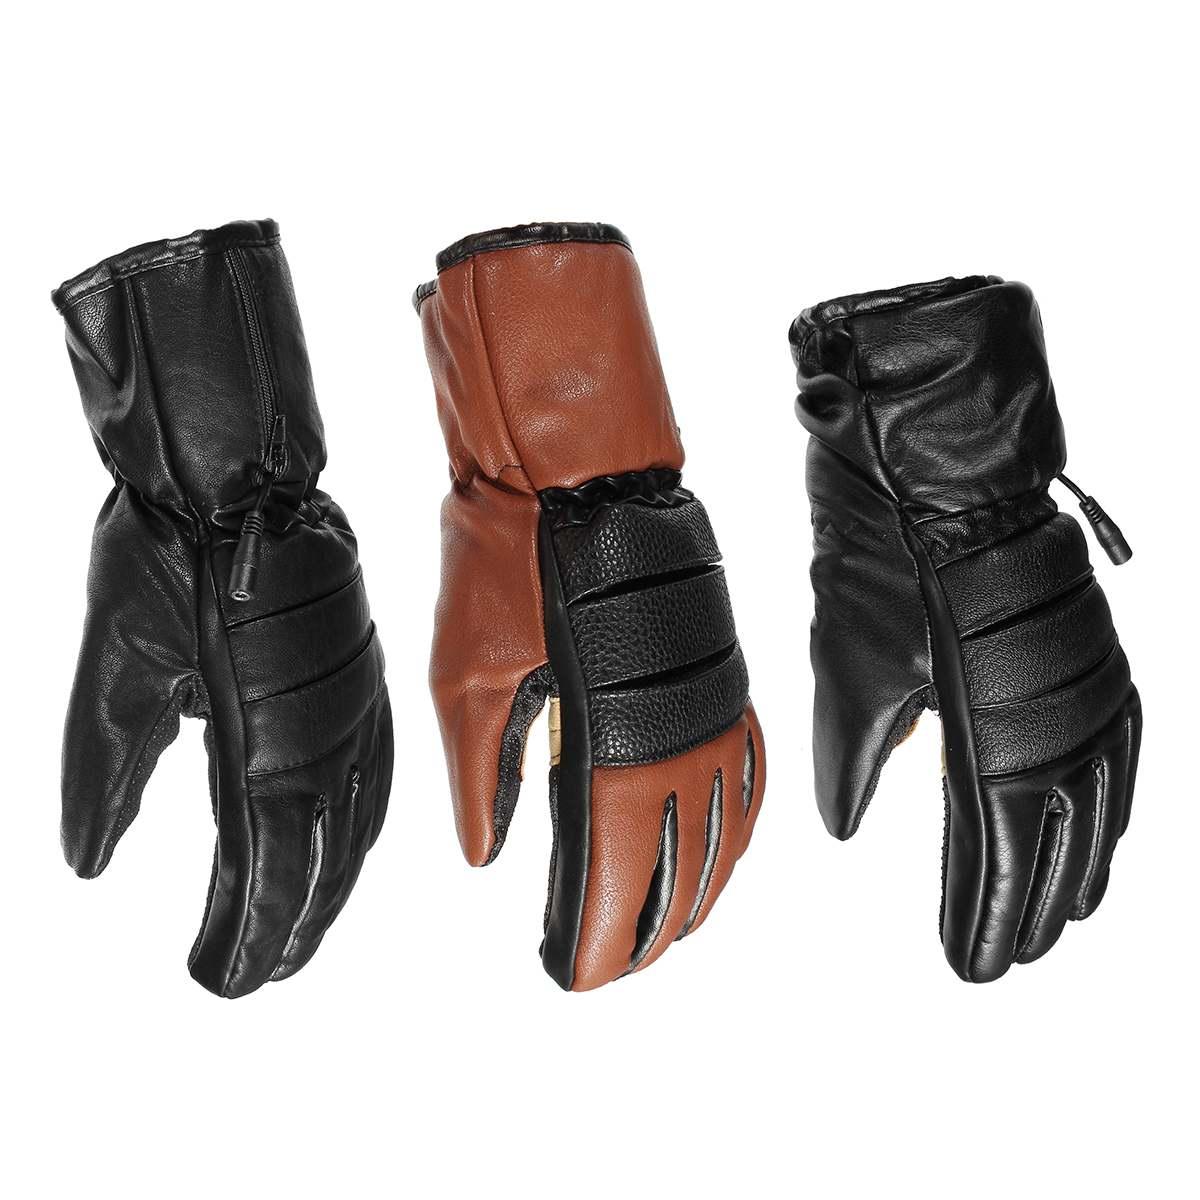 Gants chauffants électriques d'hiver PU cuir femmes hommes Rechargeable 3000 mAh batterie mitaines chauffantes chaudes intérieur épaissir gants en coton - 5